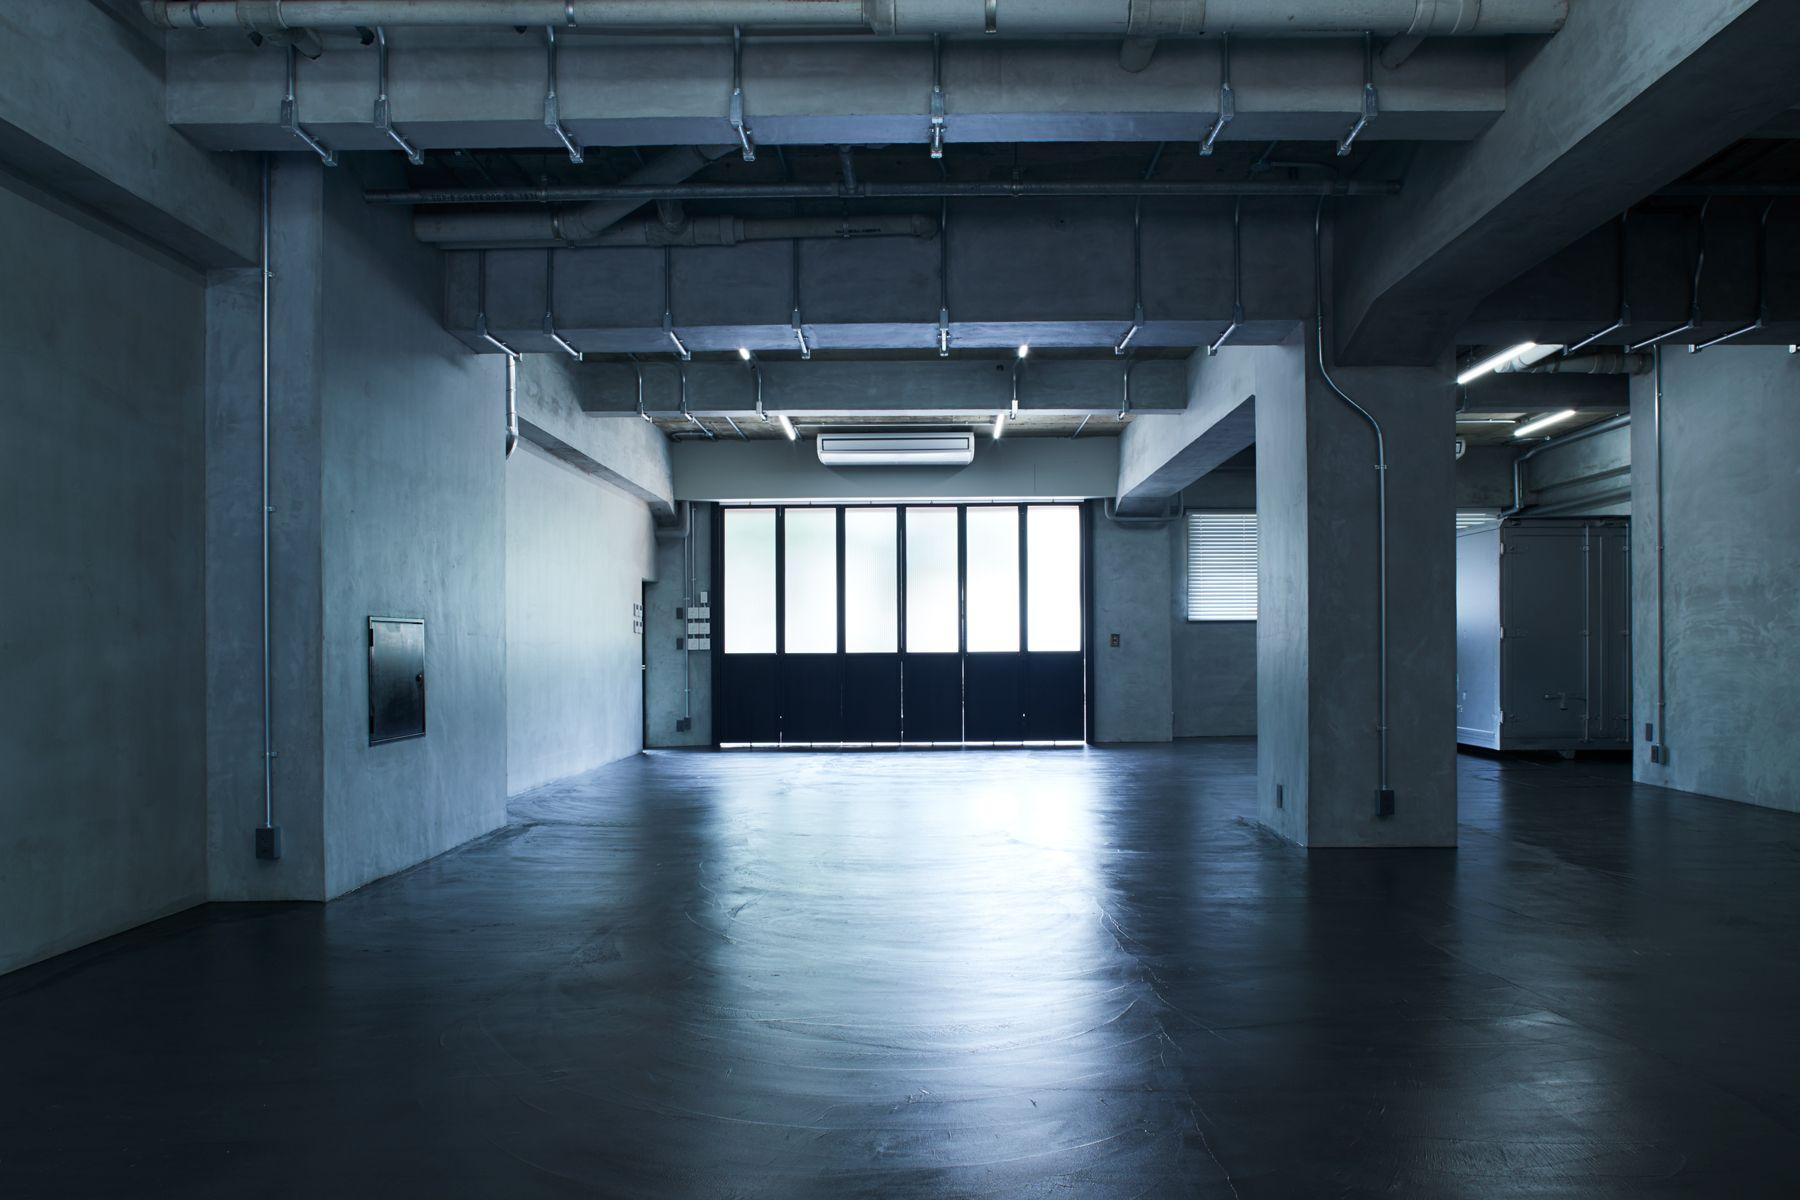 noru studio (ノル スタジオ)床は黒モルタルでシックな印象